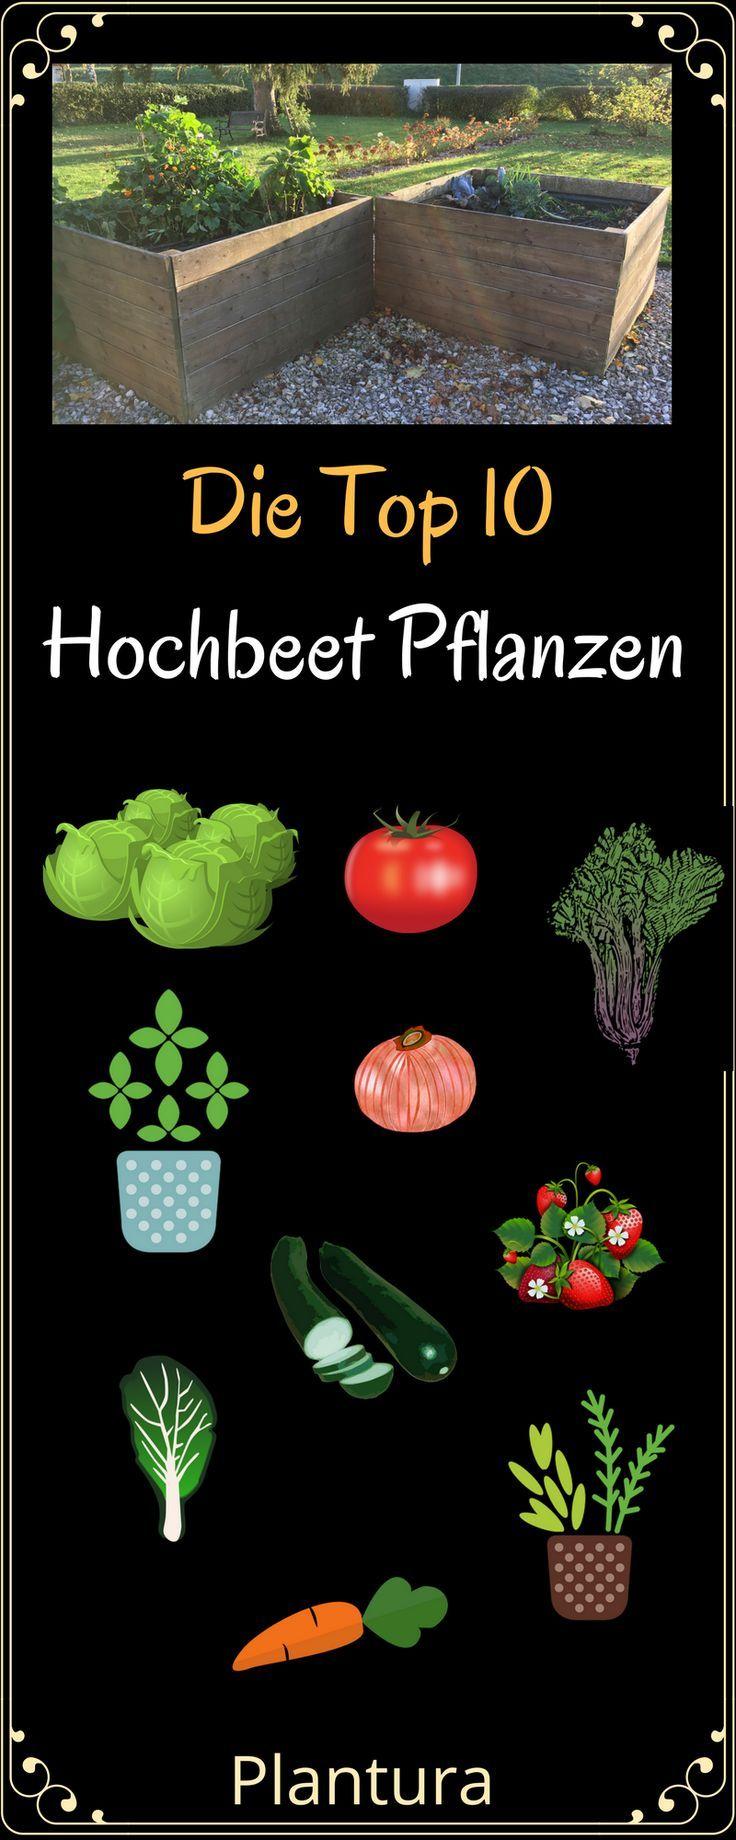 Die Top 10 Der Besten Hochbeet Pflanzen Hochbeet Pflanzen Hochbeet Pflanzen